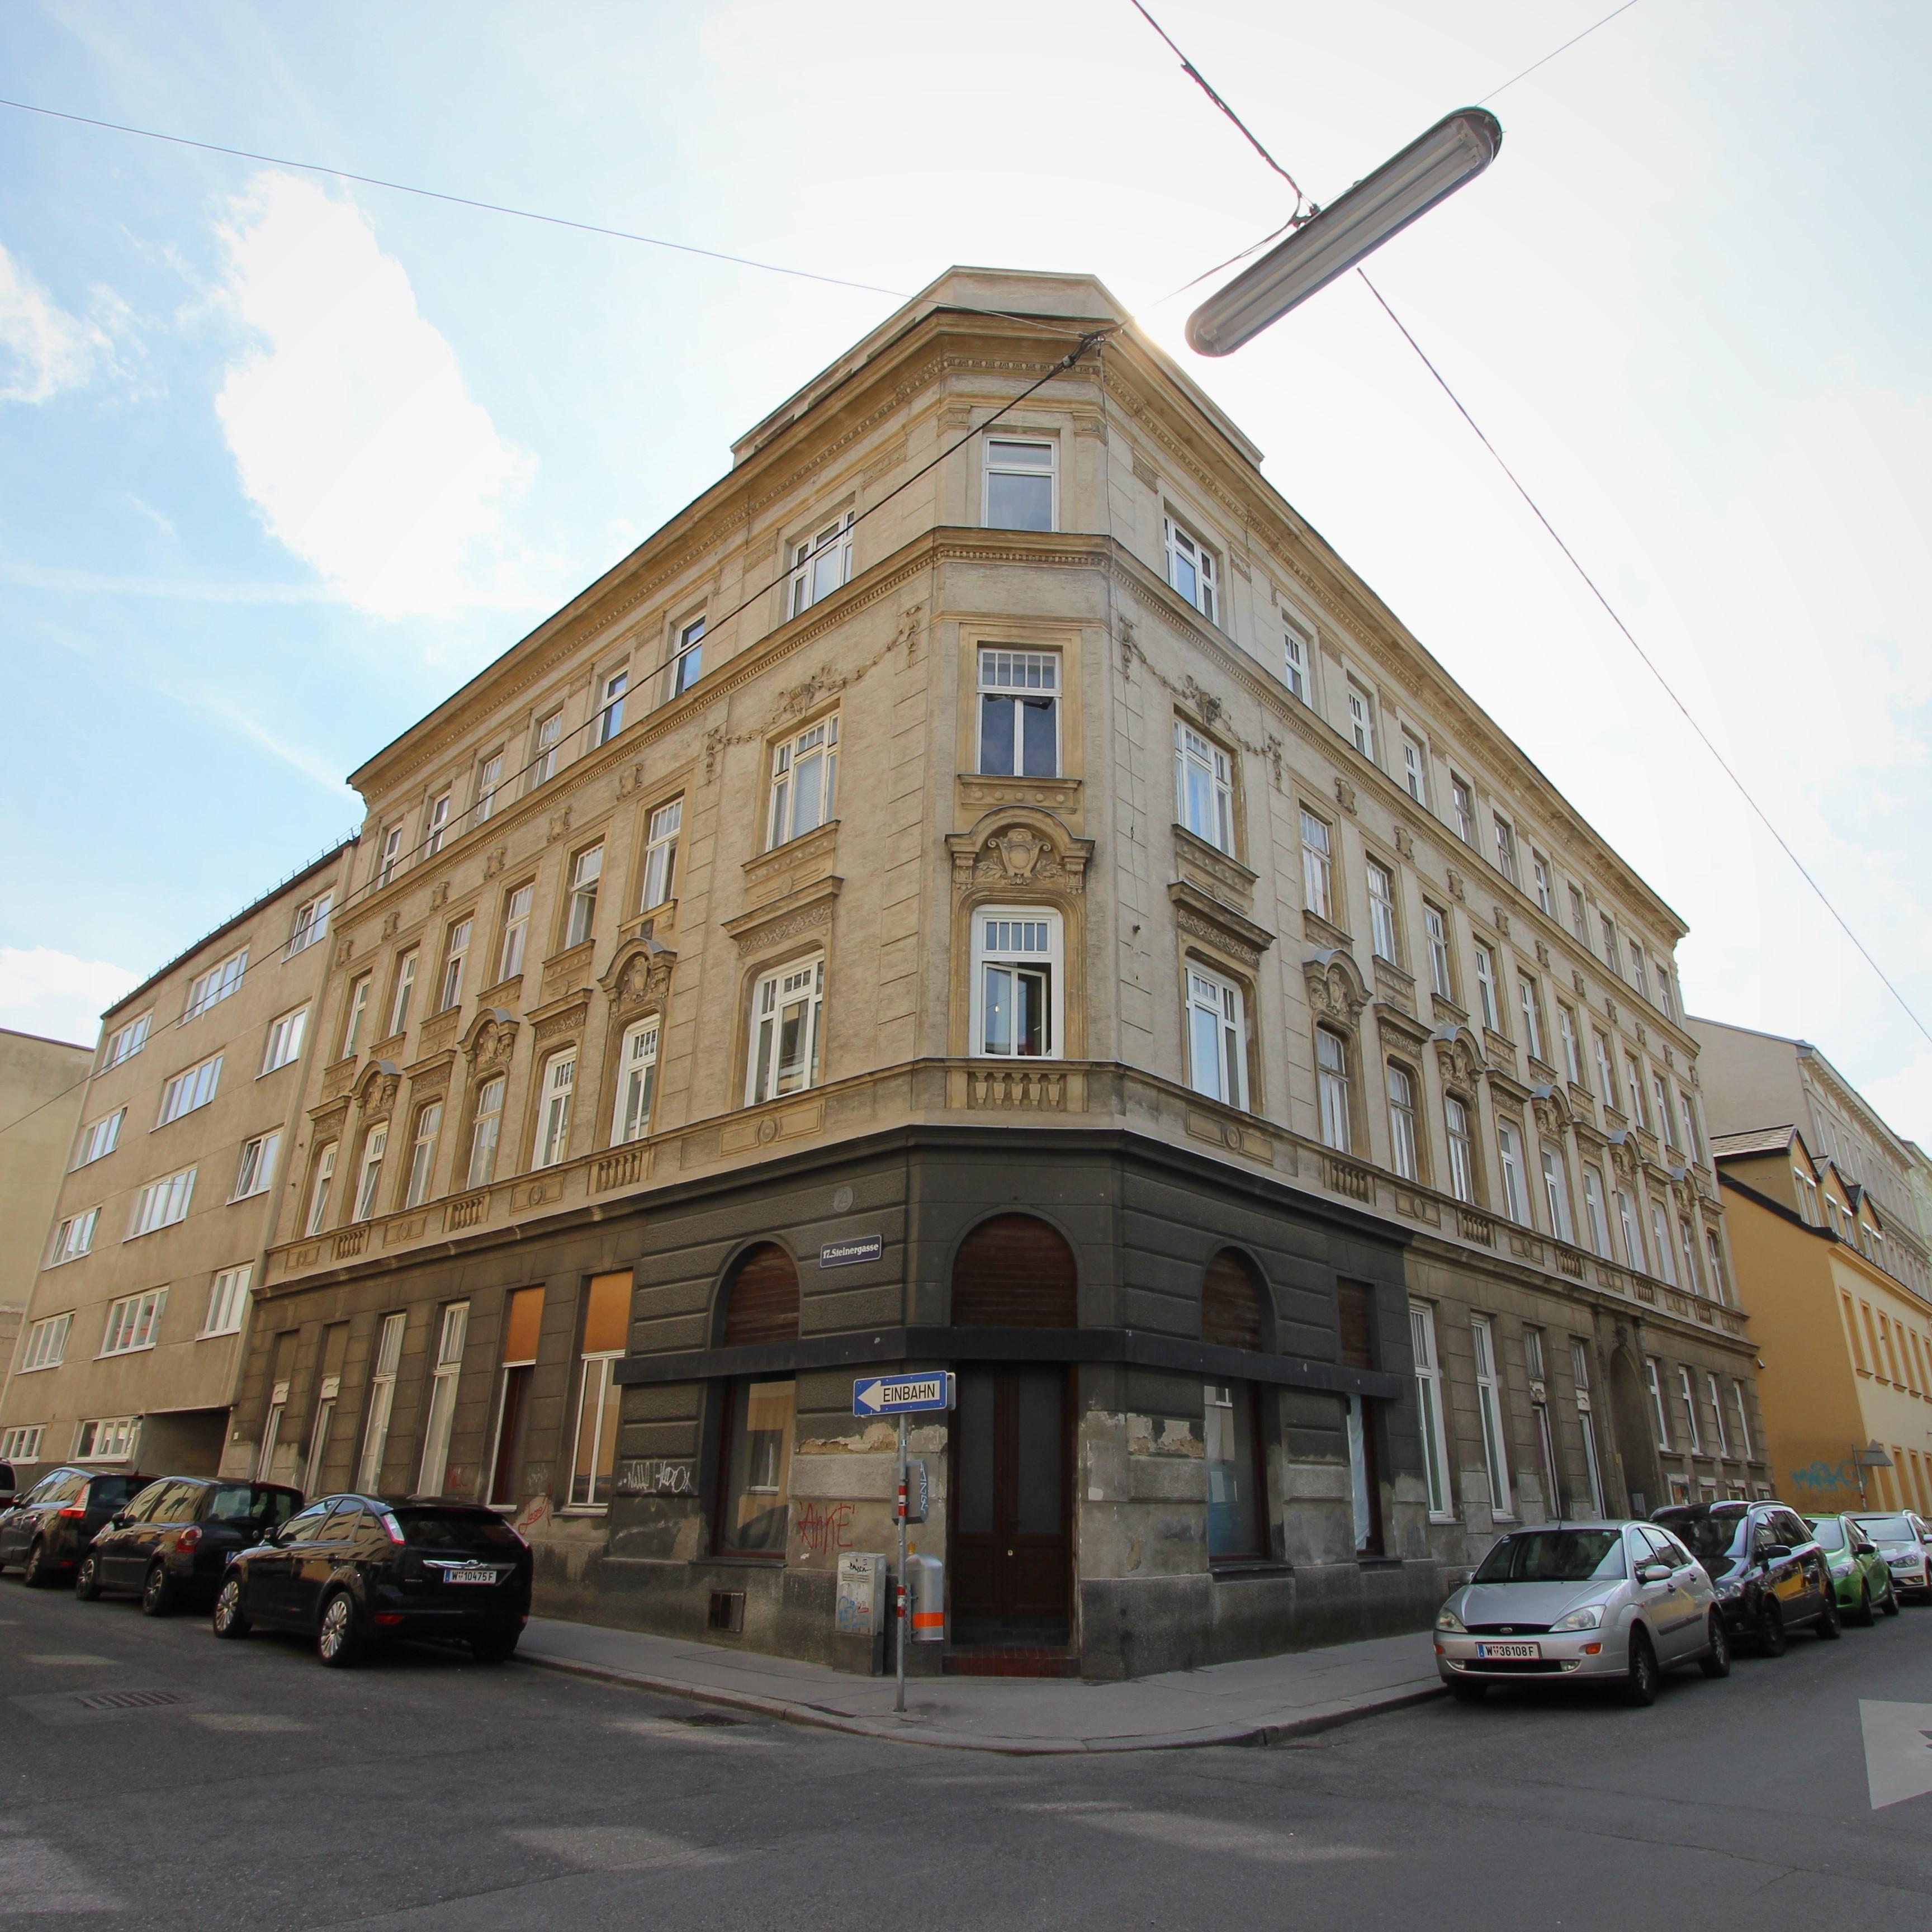 Zinshaus